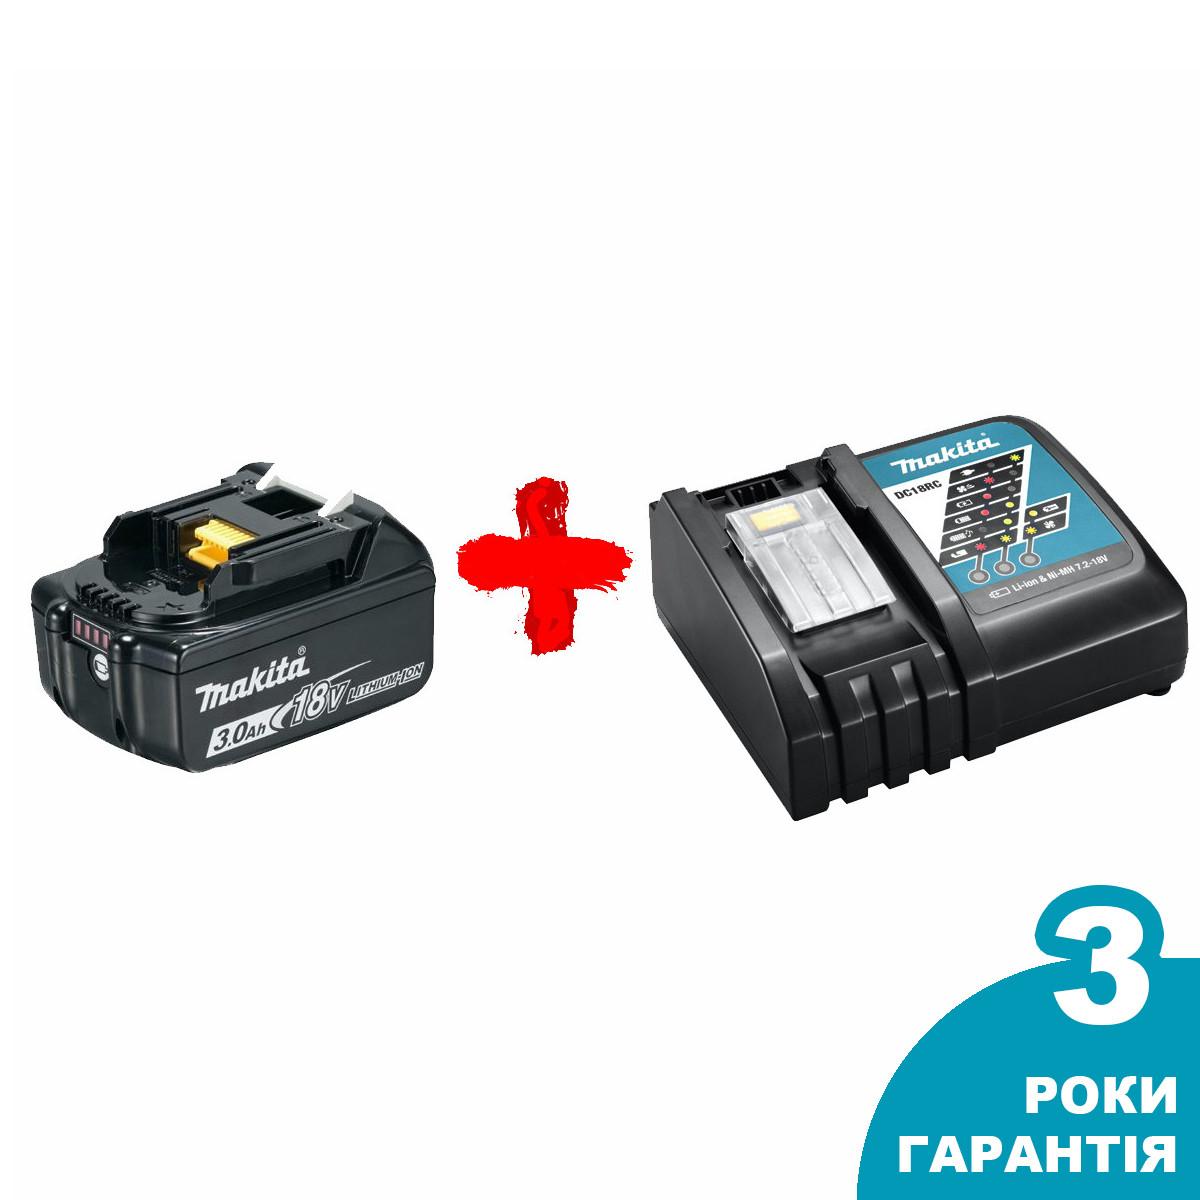 Набір акумулятора і зарядного пристрою Makita (BL1830B DC18RC)